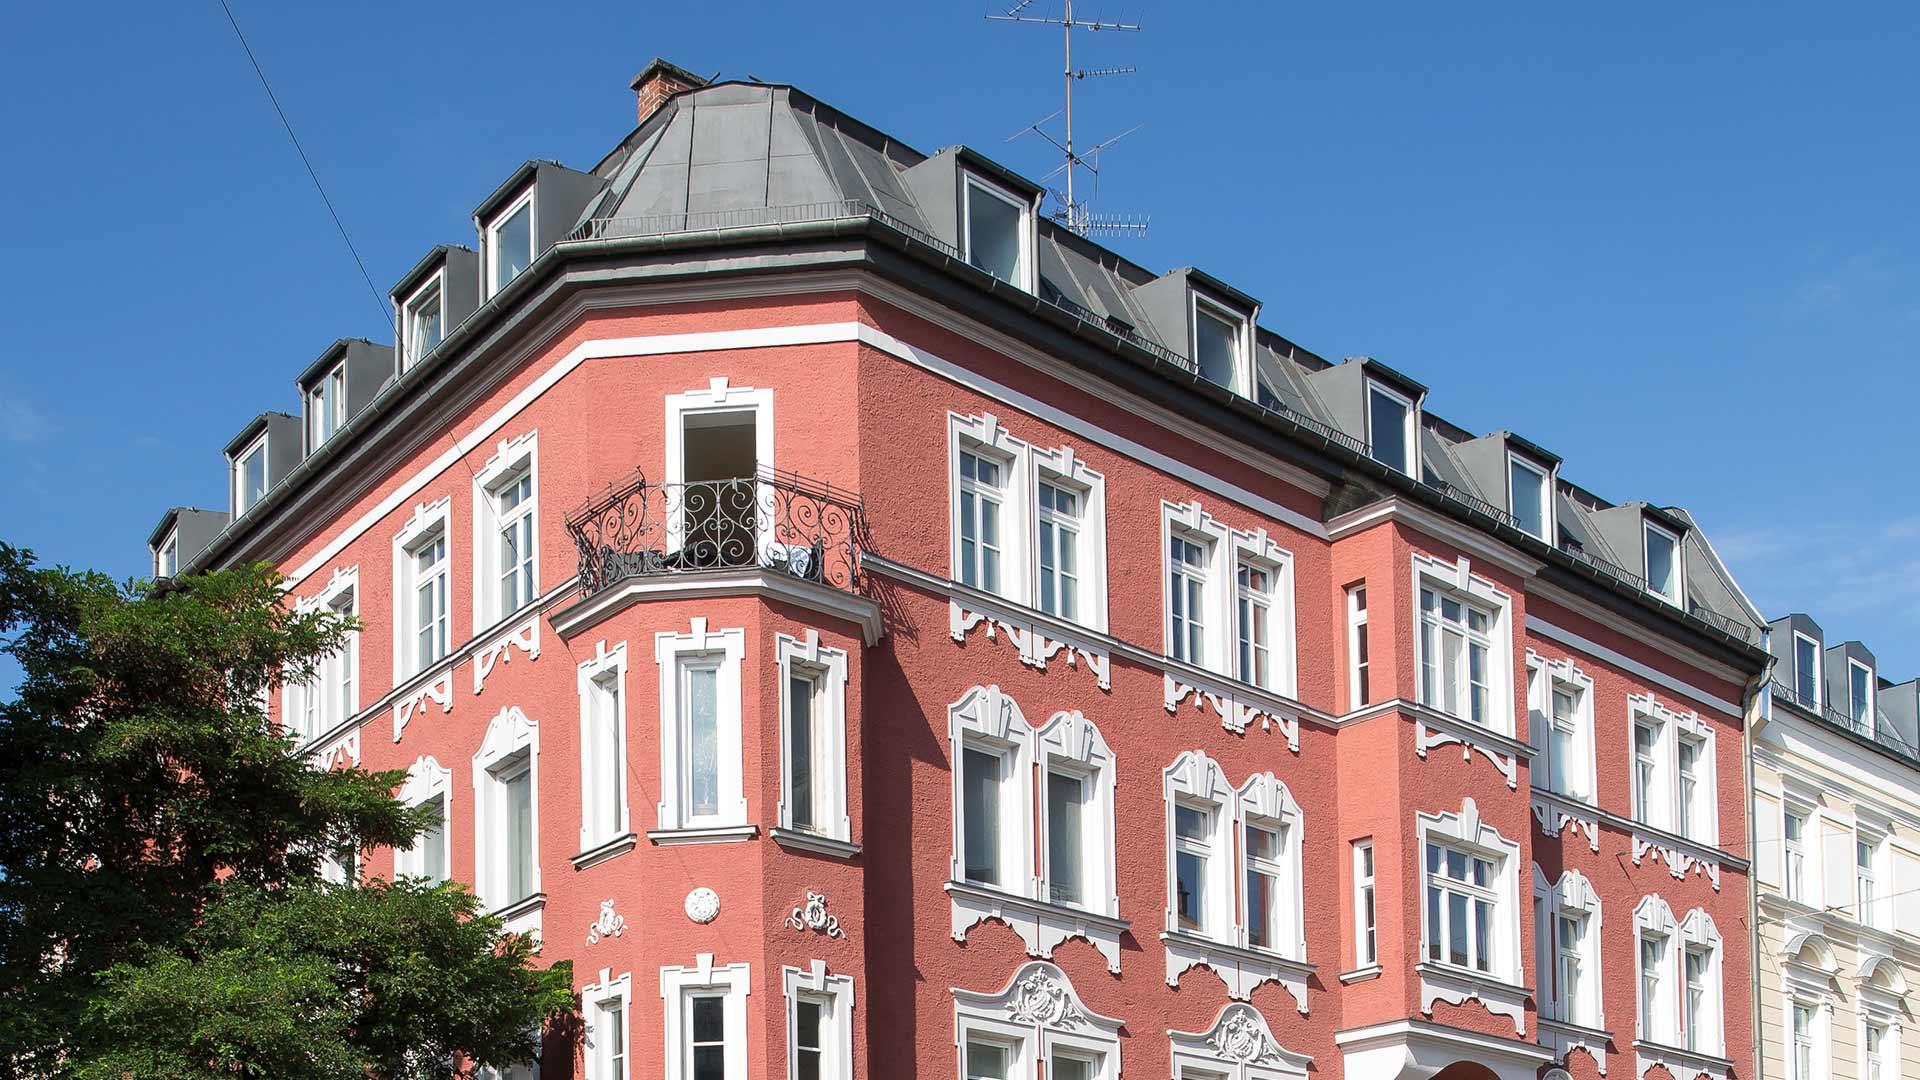 Denkmalschutz- und Renditeimmobilien Spezialist ASE Real Estate GmbH